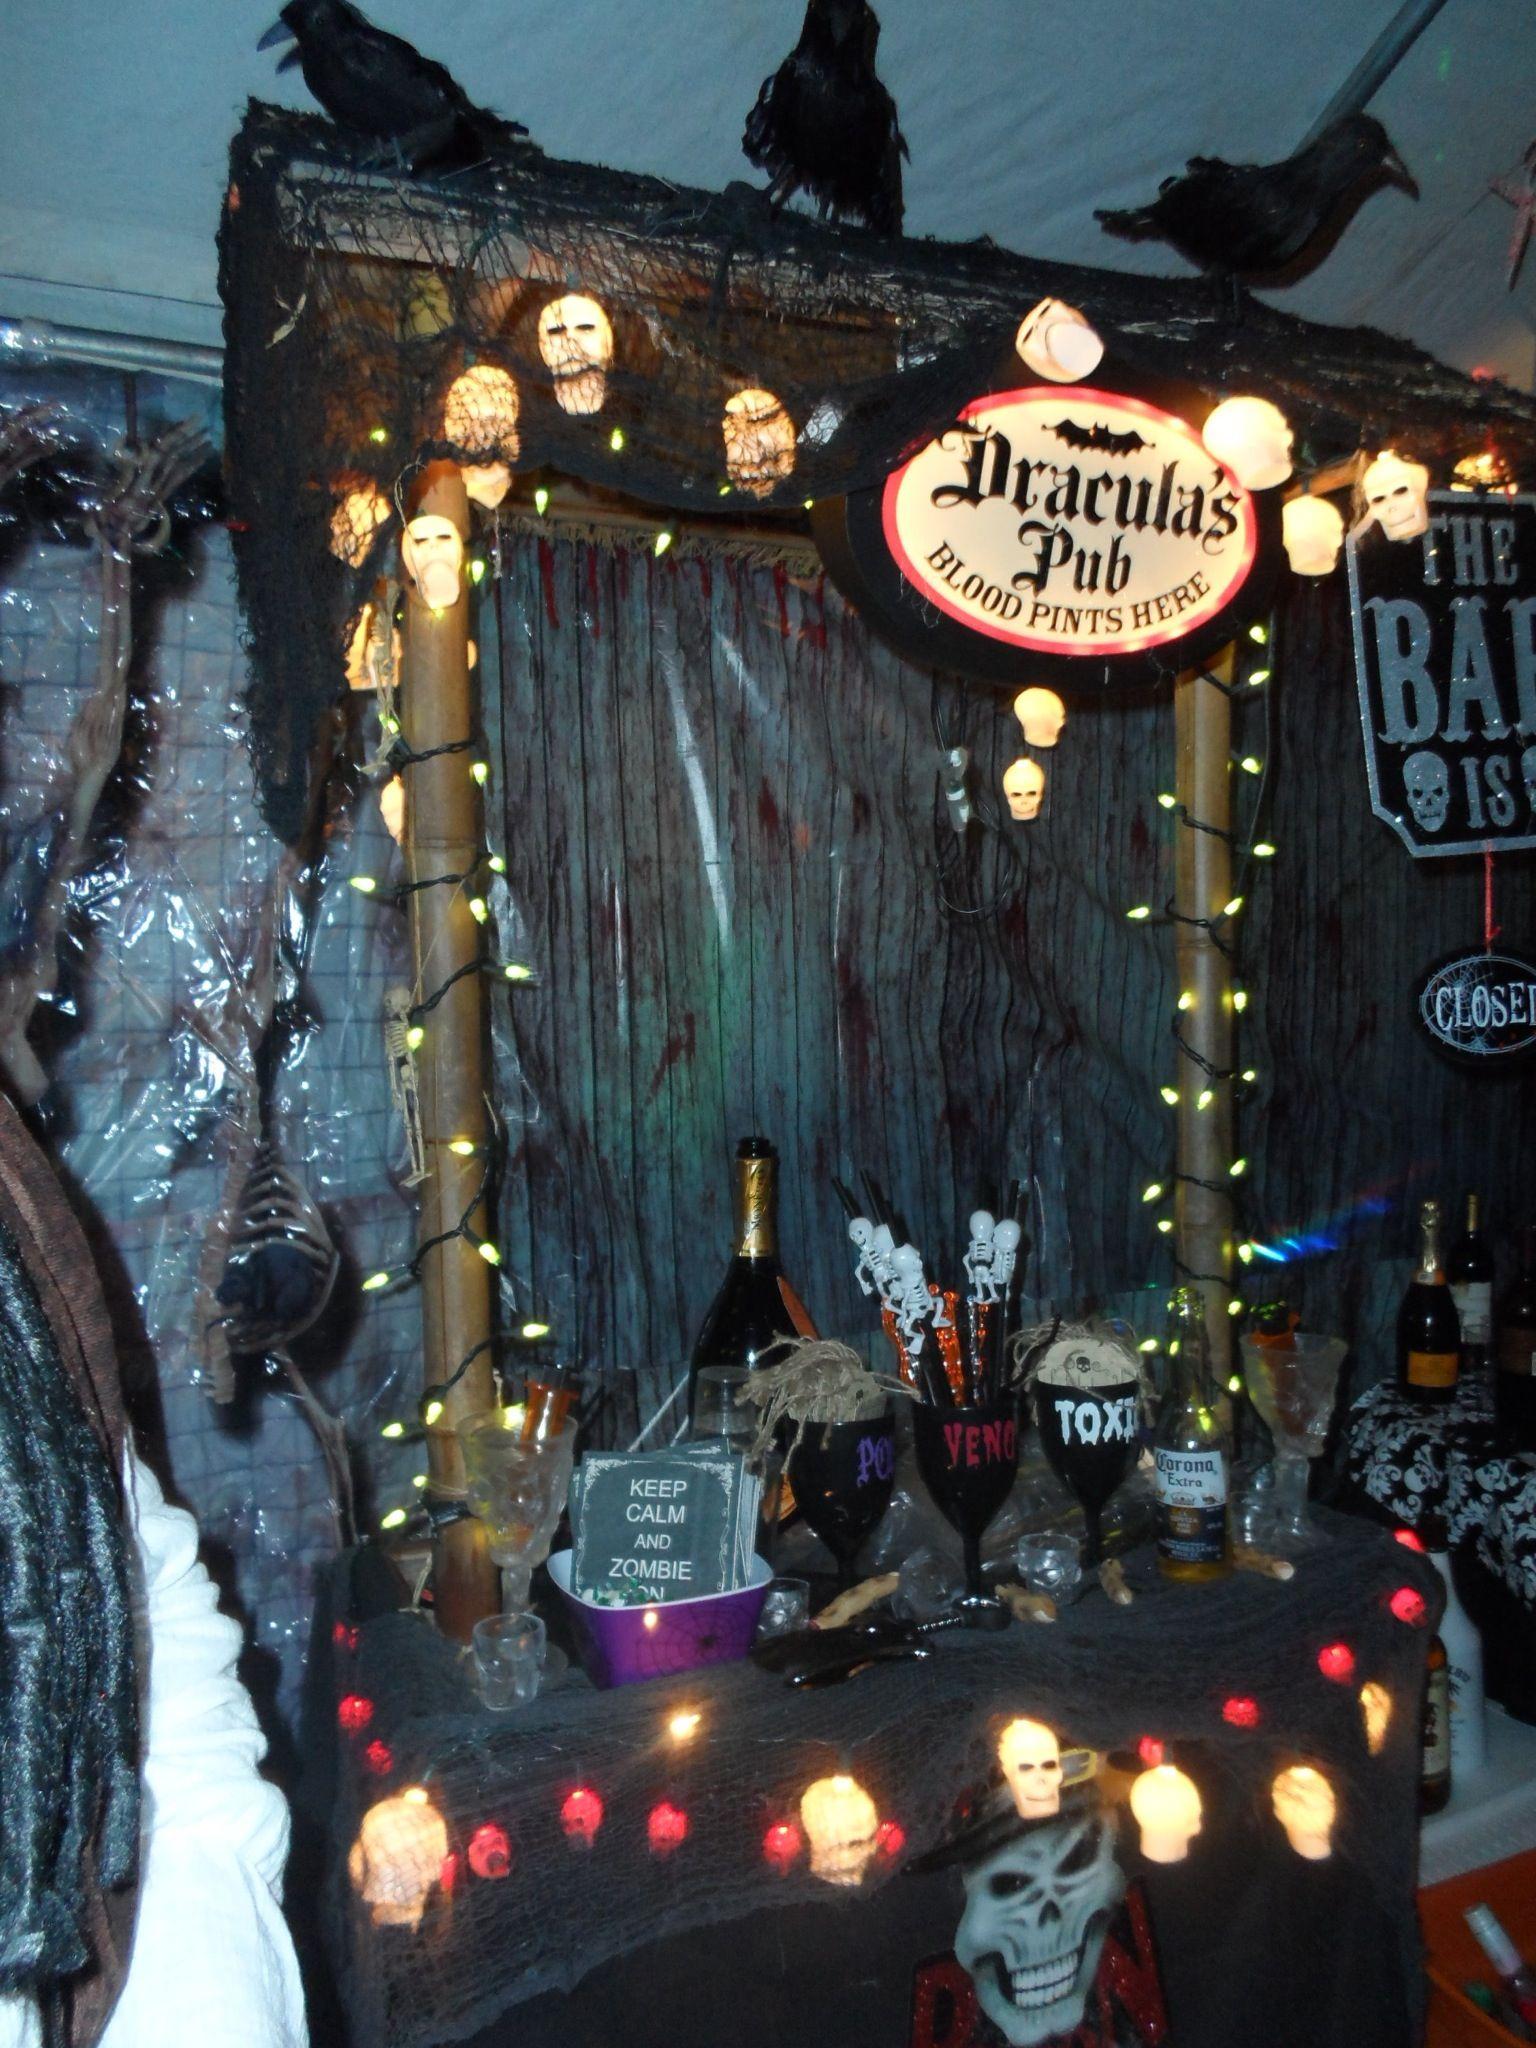 Dracula barman Motif-Tablier